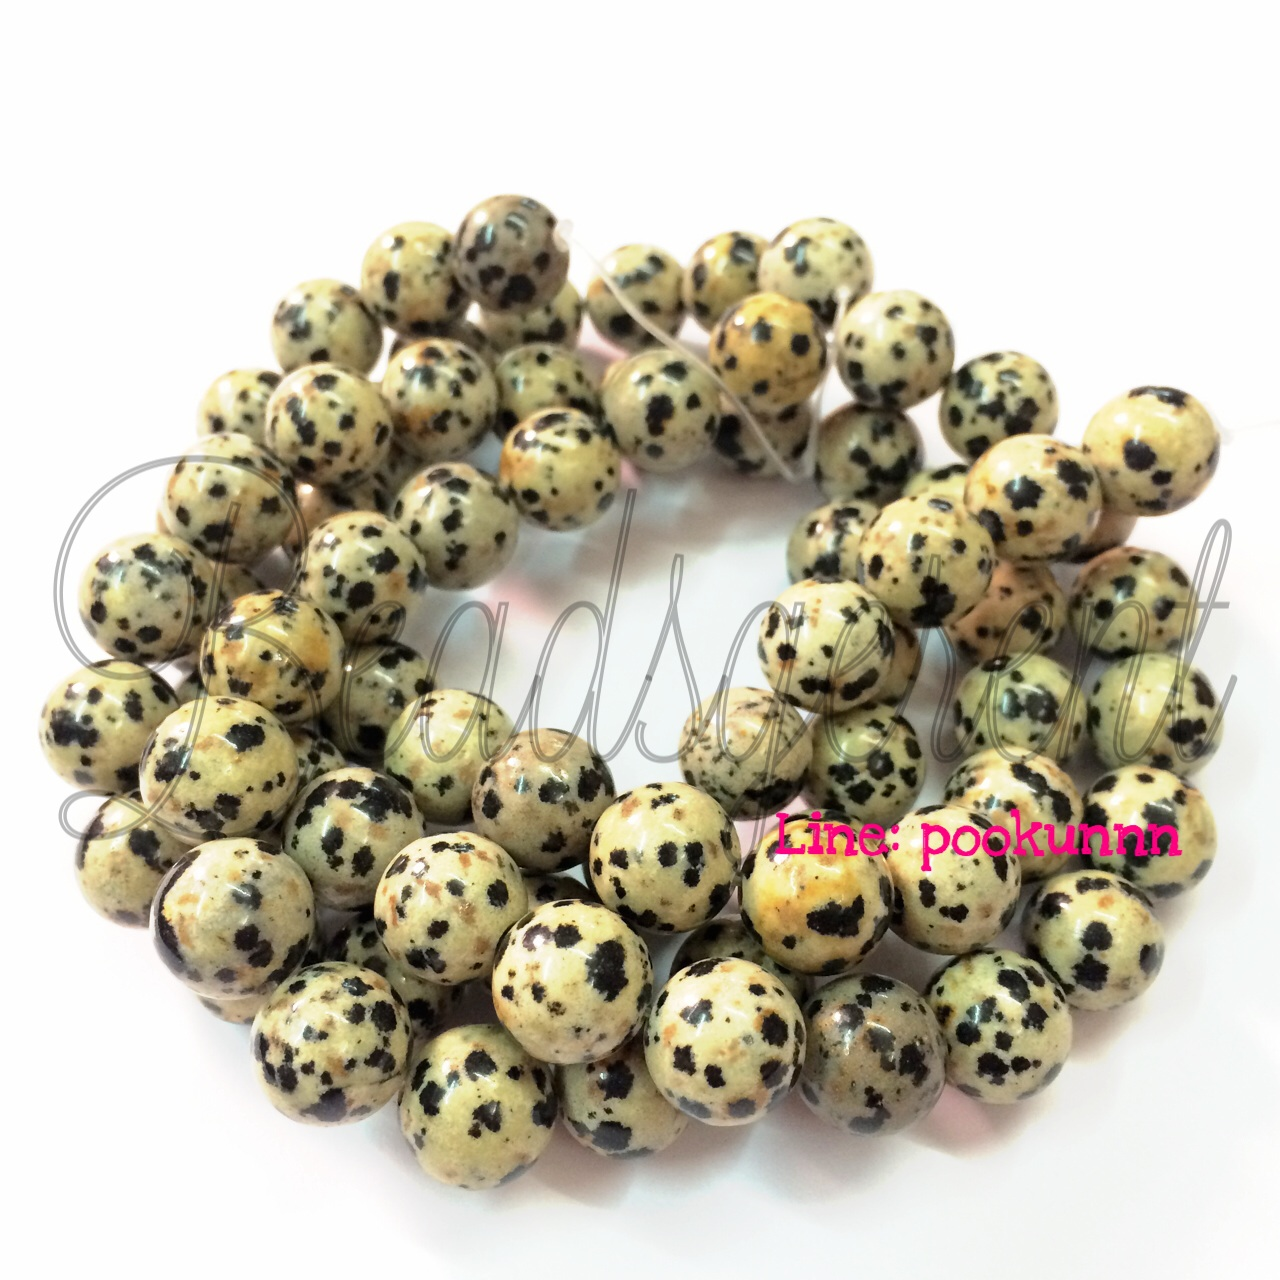 หิน Dalmatian Jasper 10มิล (39 เม็ด)